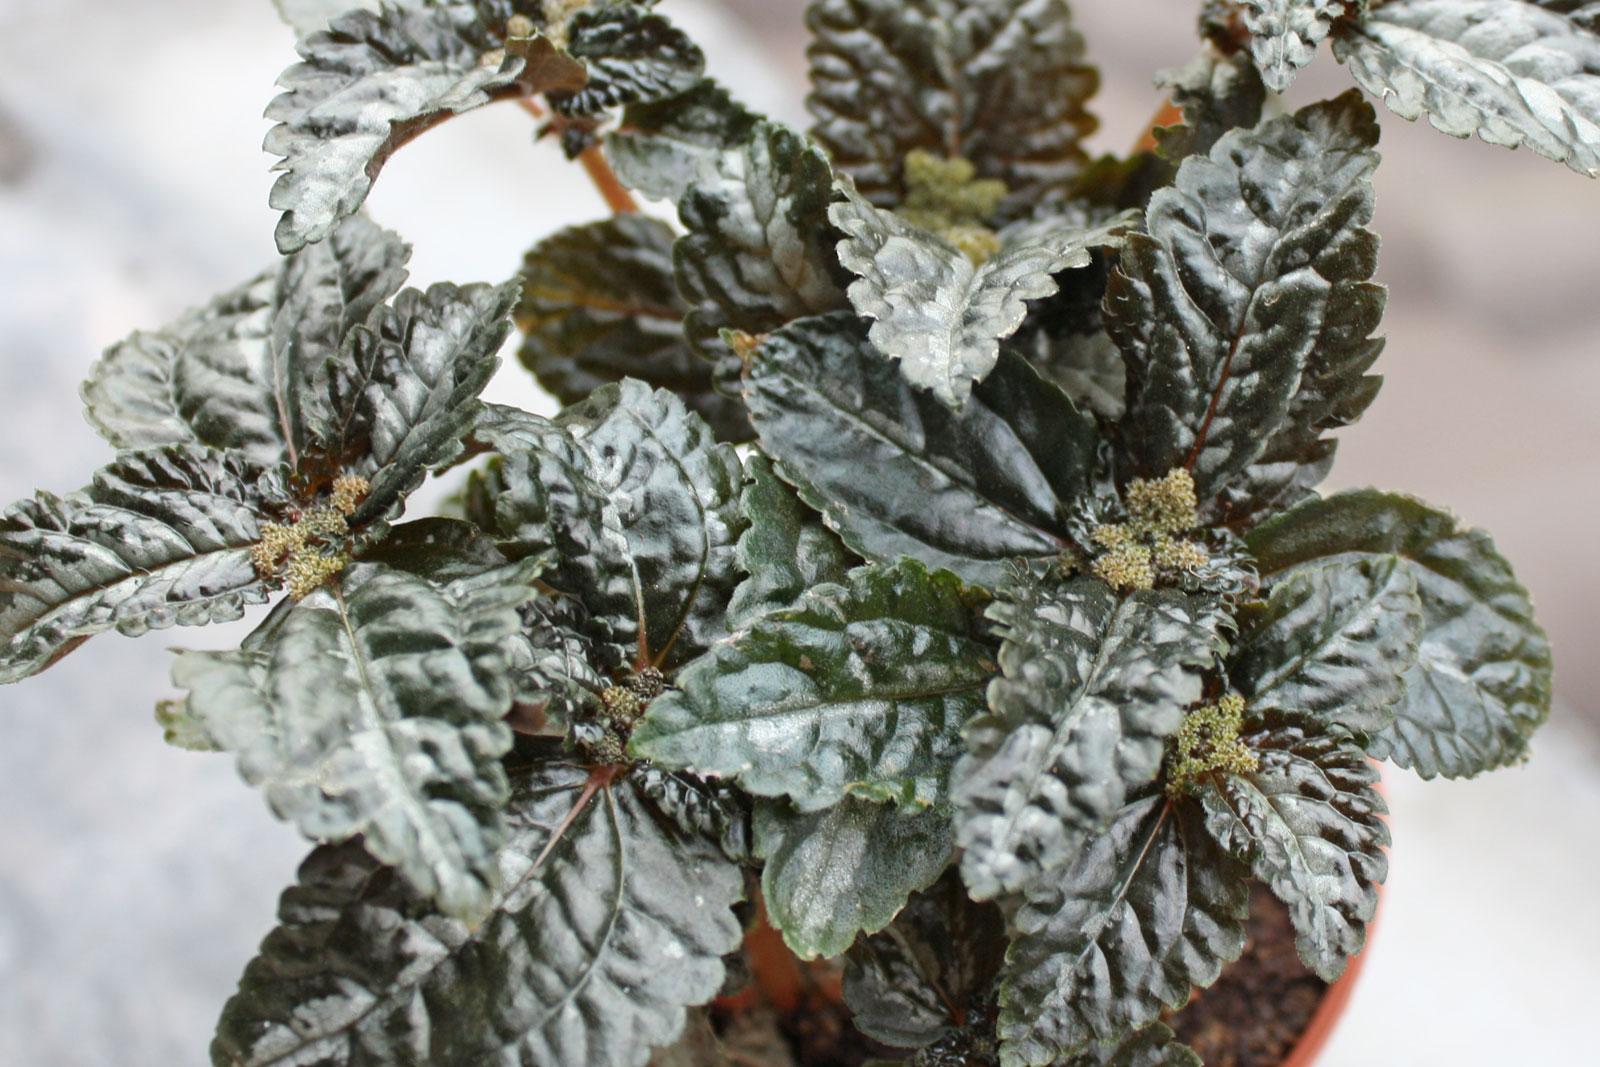 Pilea flowering